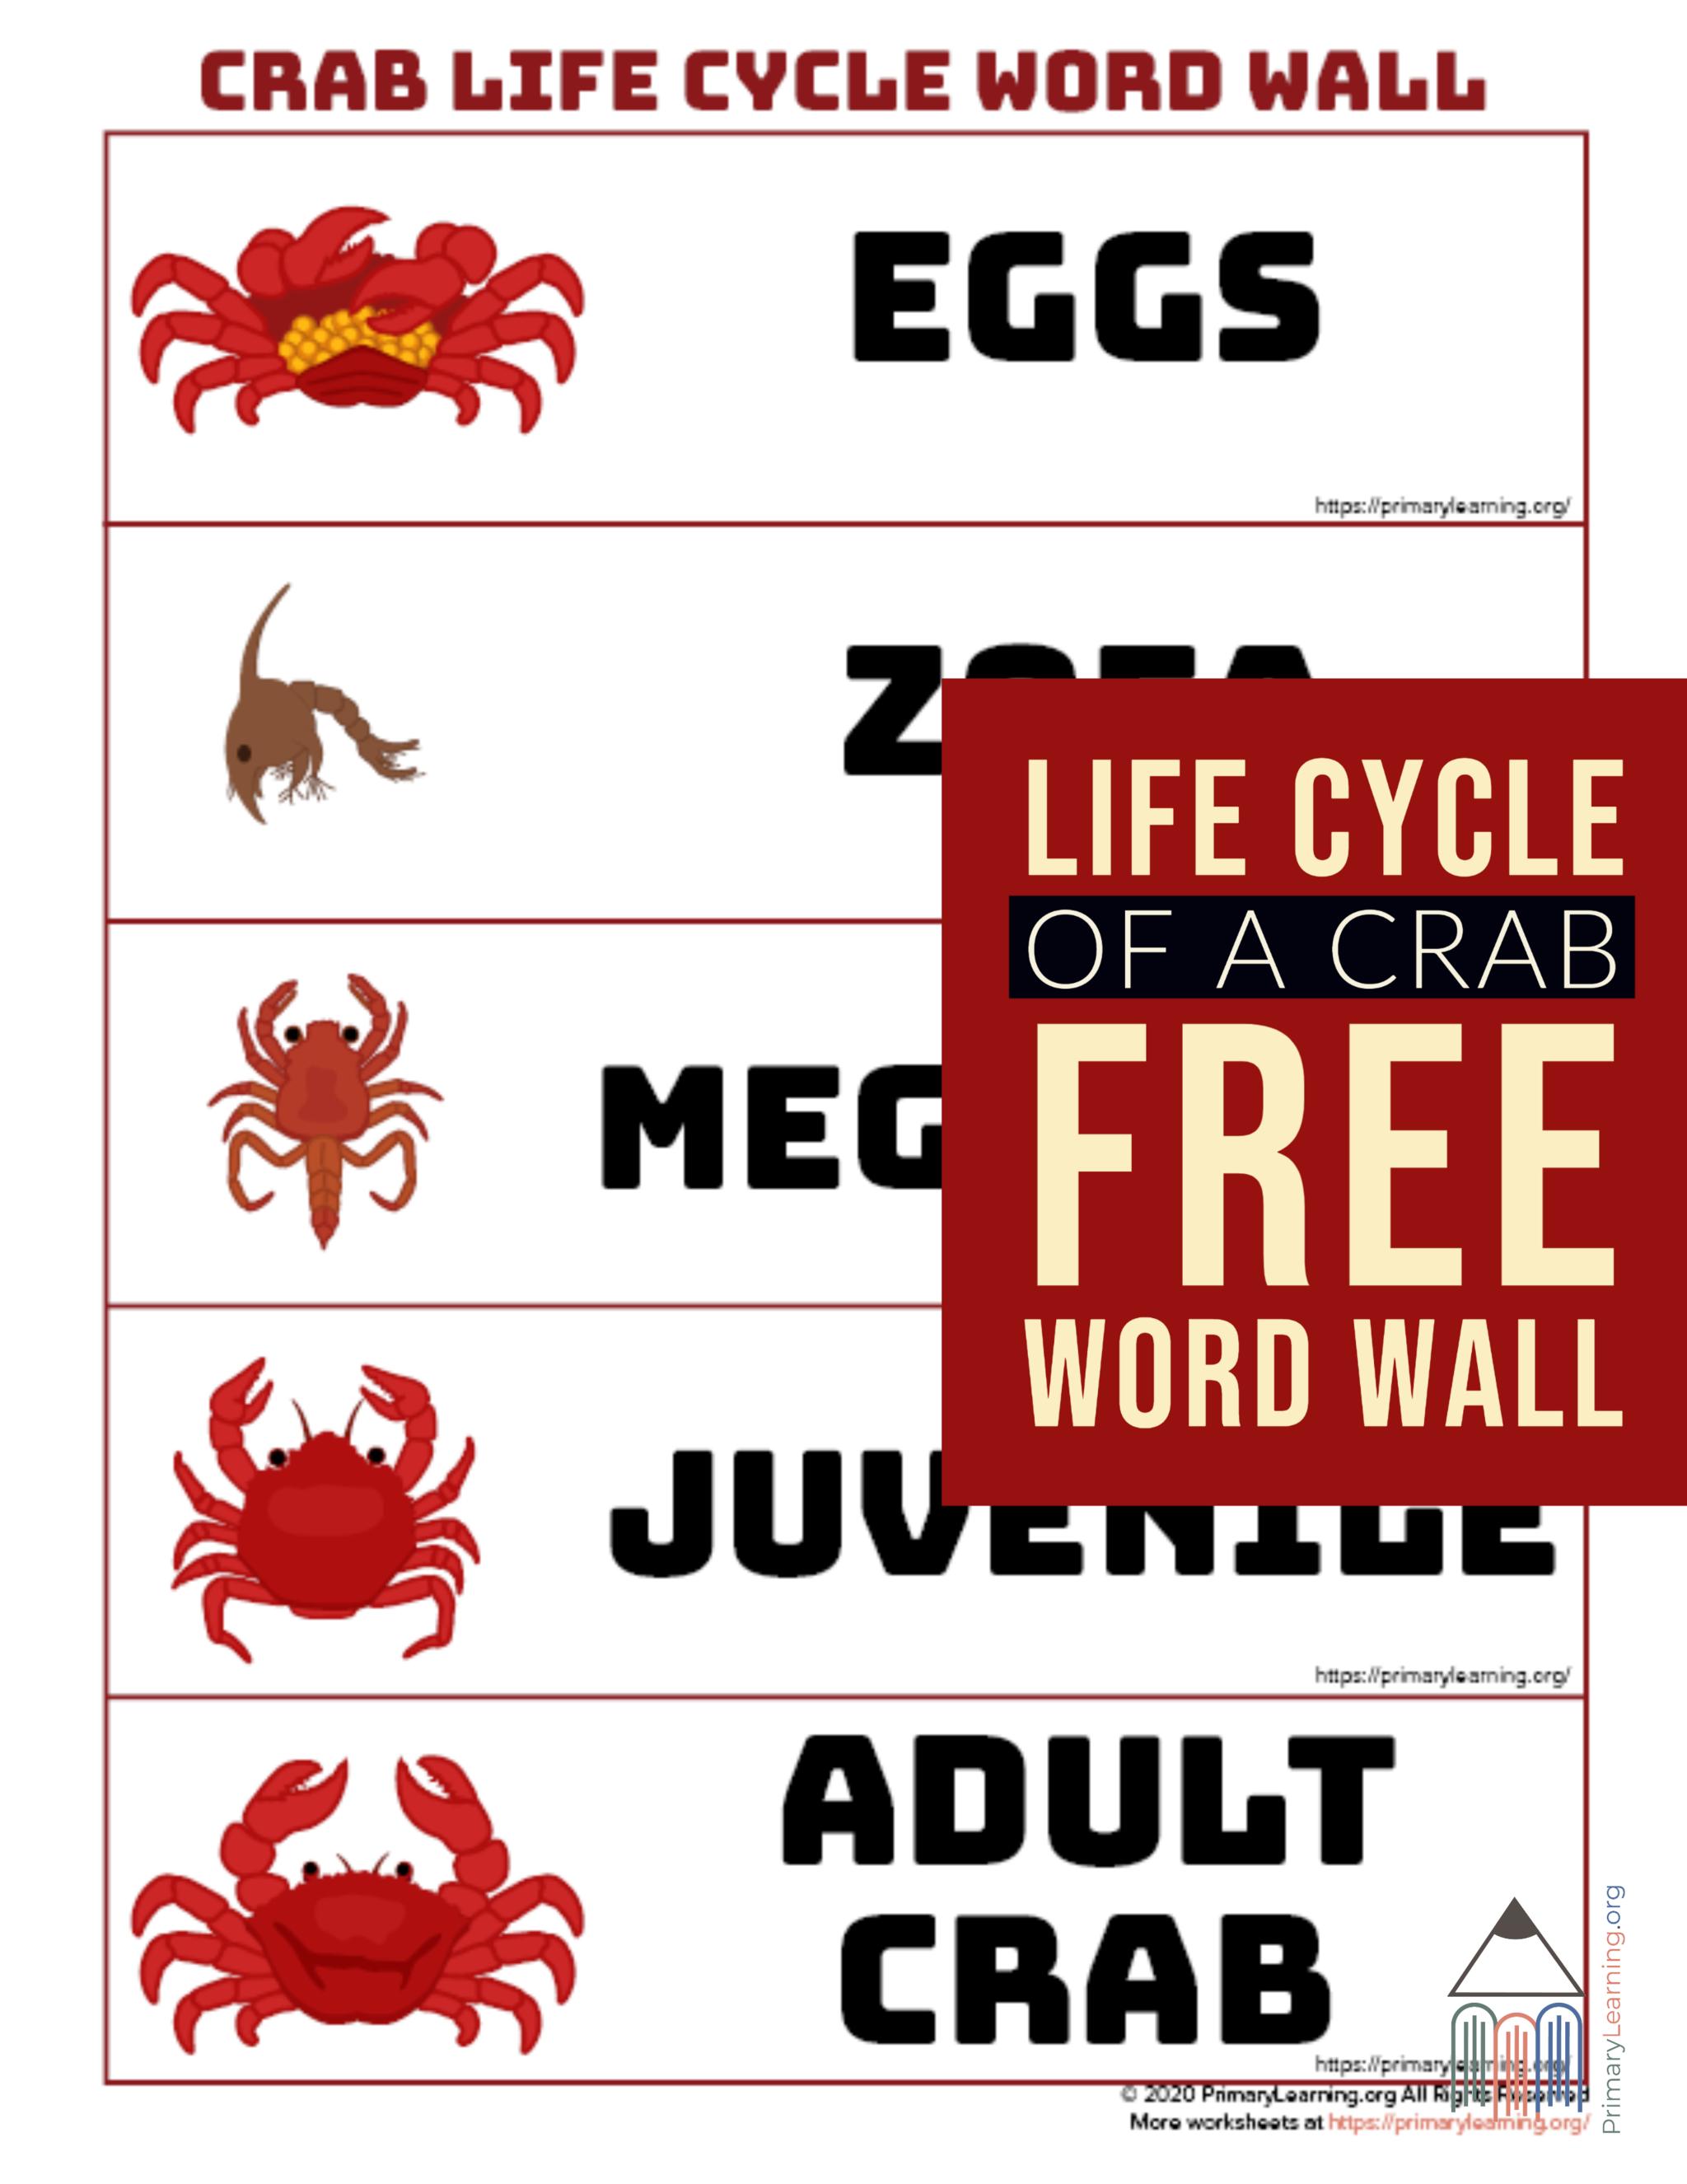 Crab Life Cycle Word Wall